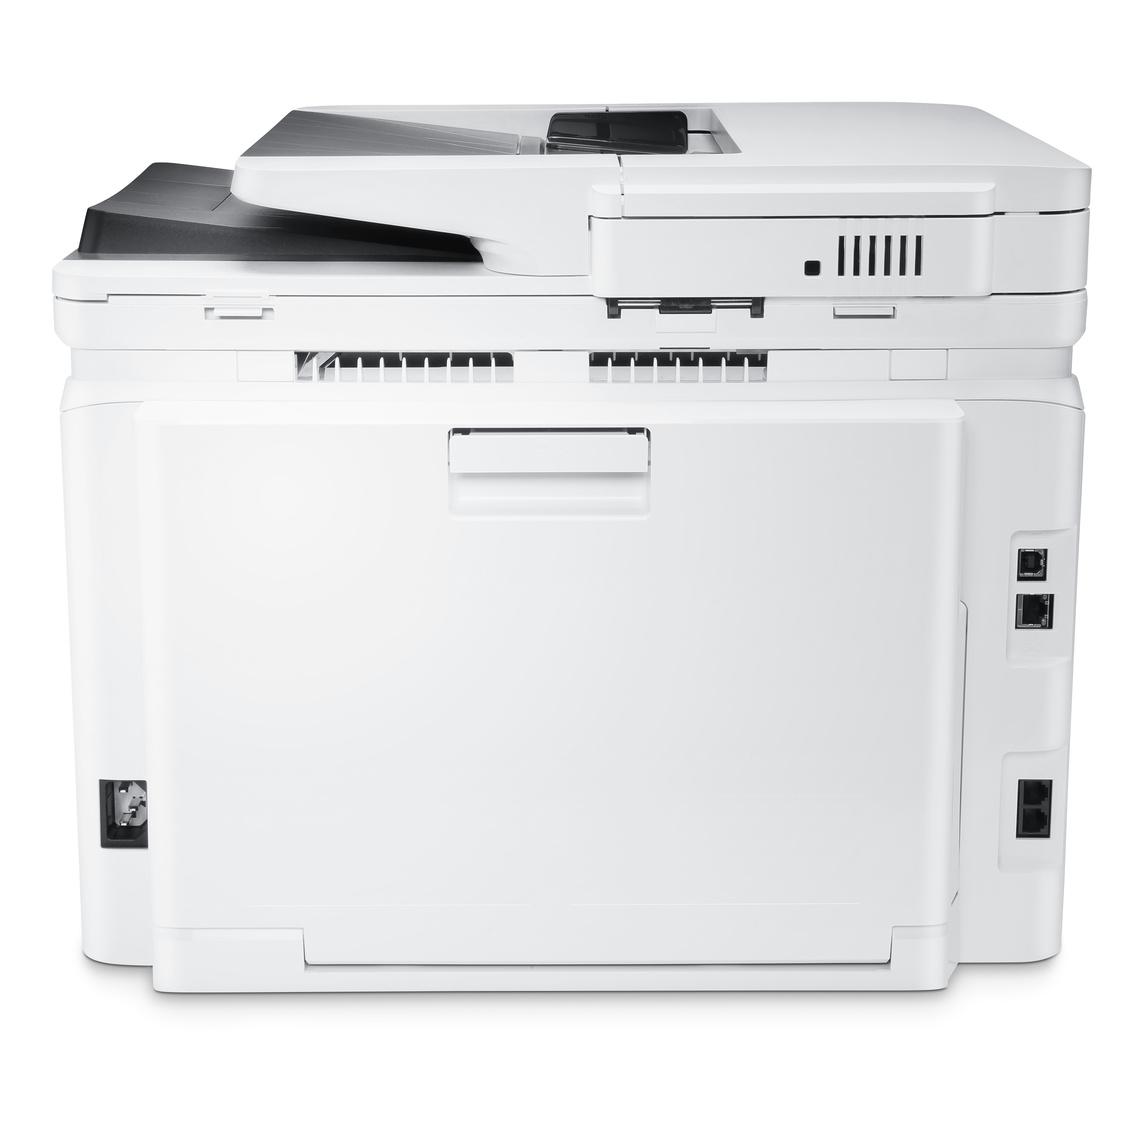 Hp Laserjet Pro M281fdw All In One Draadloze Kleurenprinter